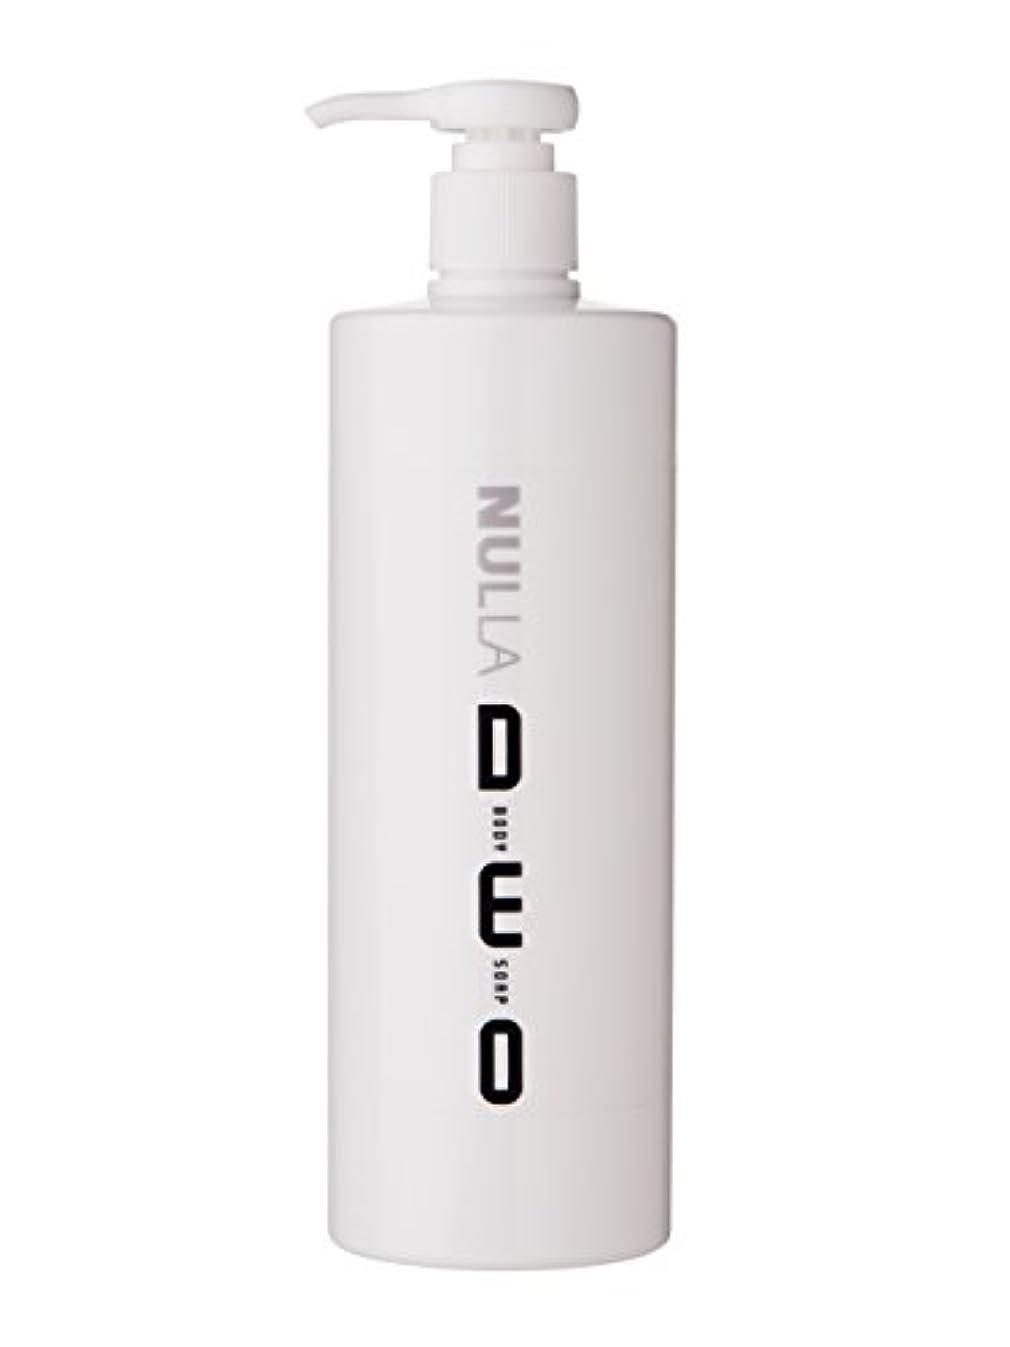 解明マネージャー陸軍NULLA(ヌーラ) ヌーラデオ ボディソープ [ニオイ菌を抑制] 500ml 日本製 加齢臭 体臭 対策 シャボンの香り